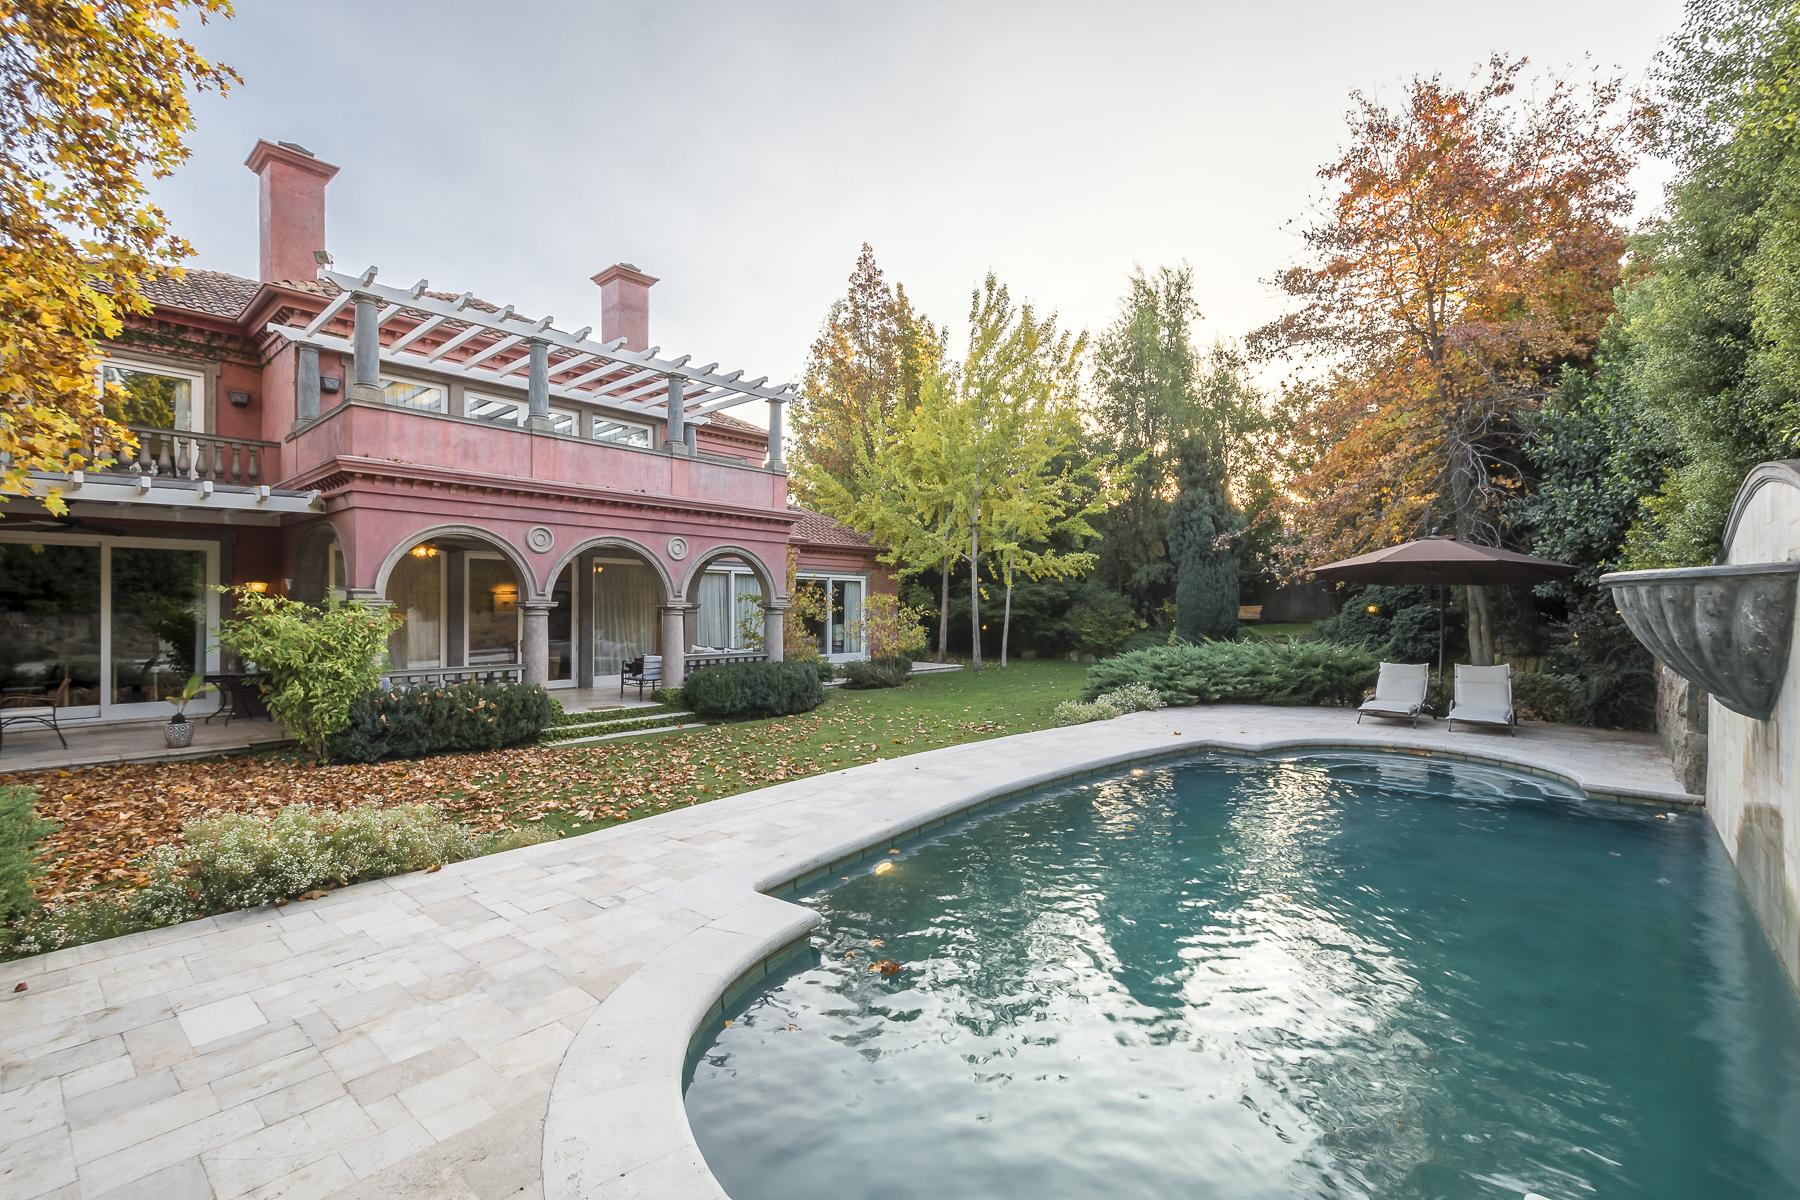 Maison unifamiliale pour l Vente à Spectacular house inspired by an Italian villa Lo Barnechea, Santiago, Region Metropolitana De Santiago Chili